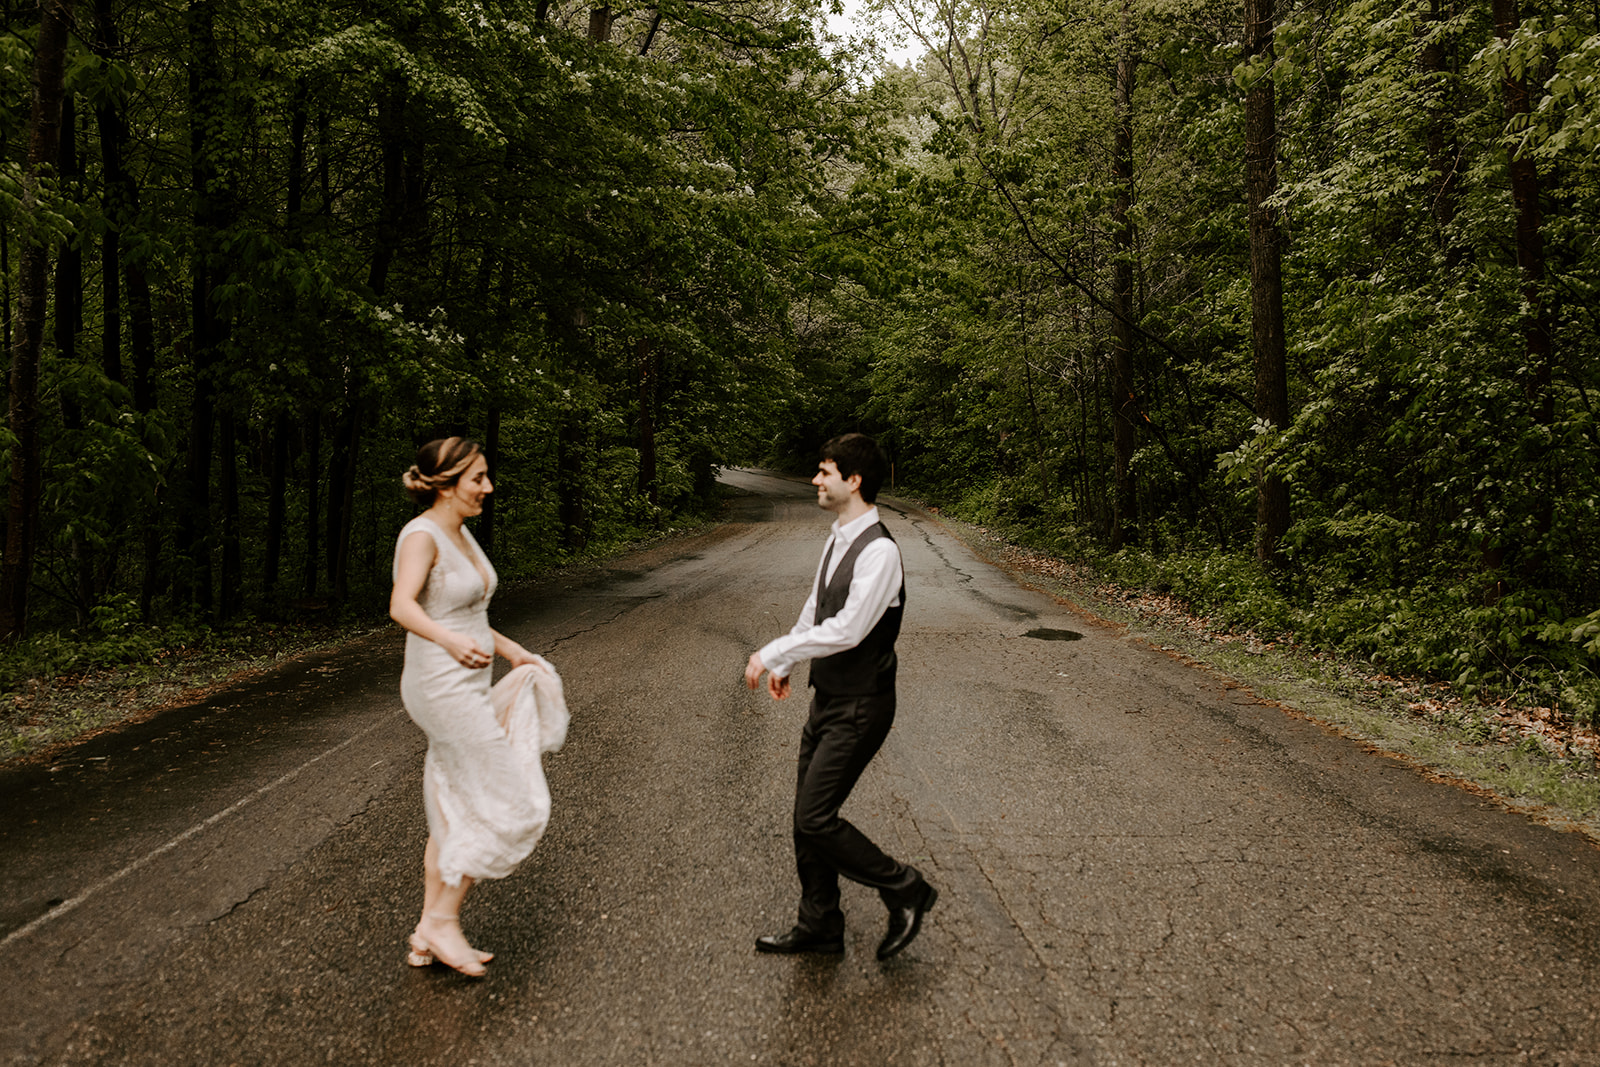 2019-06-01-00-Lindsey+Mat-04_Couples_Portraits-meandhimphoto-0029-T5D18266.jpg